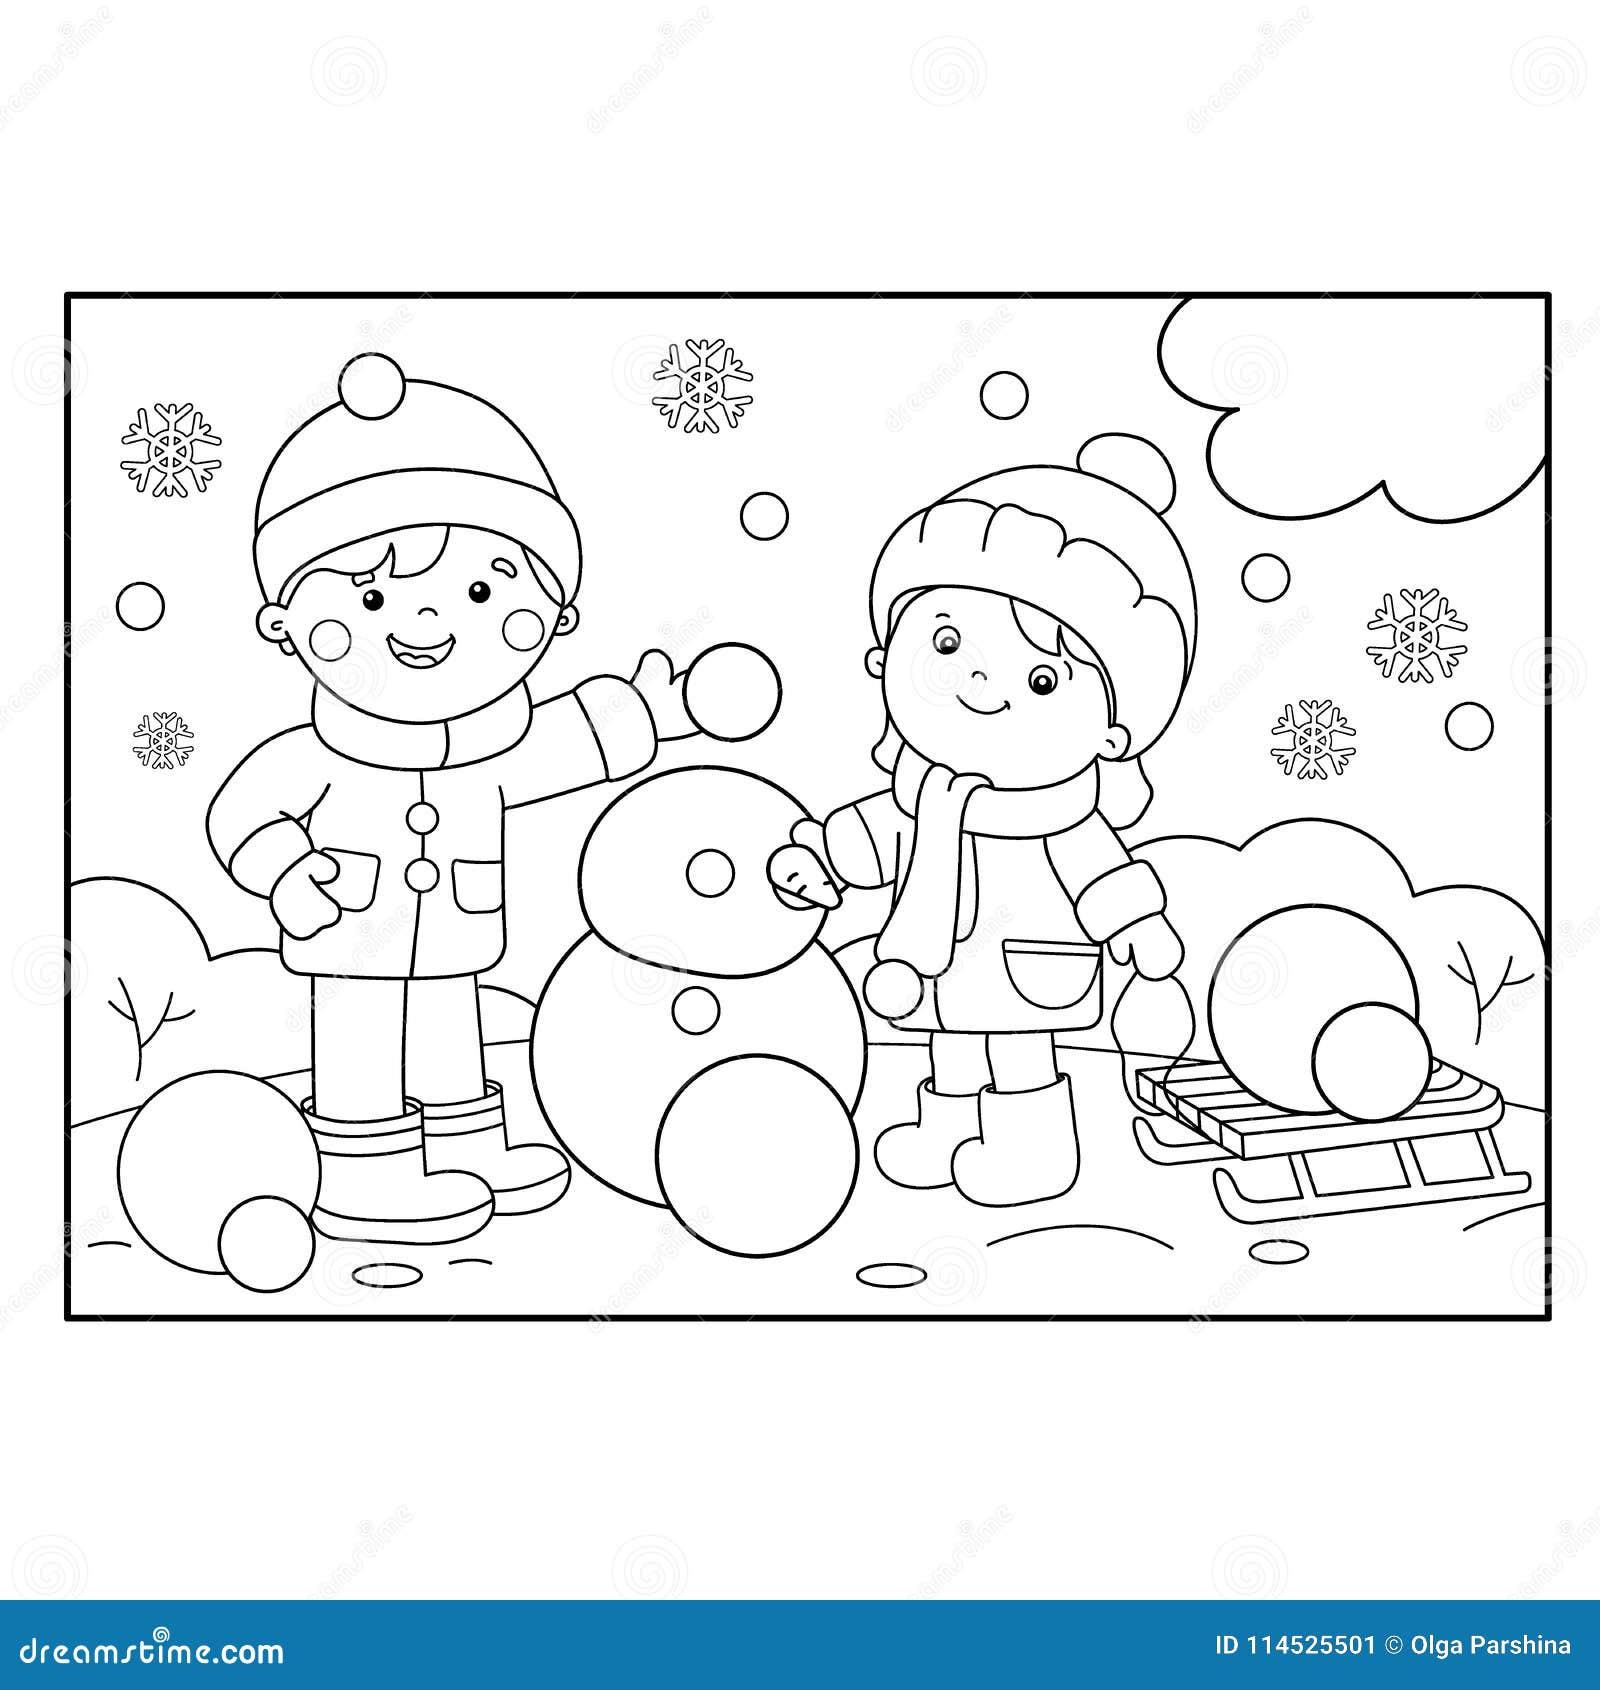 Esboco Da Pagina Da Coloracao Do Menino Dos Desenhos Animados Com